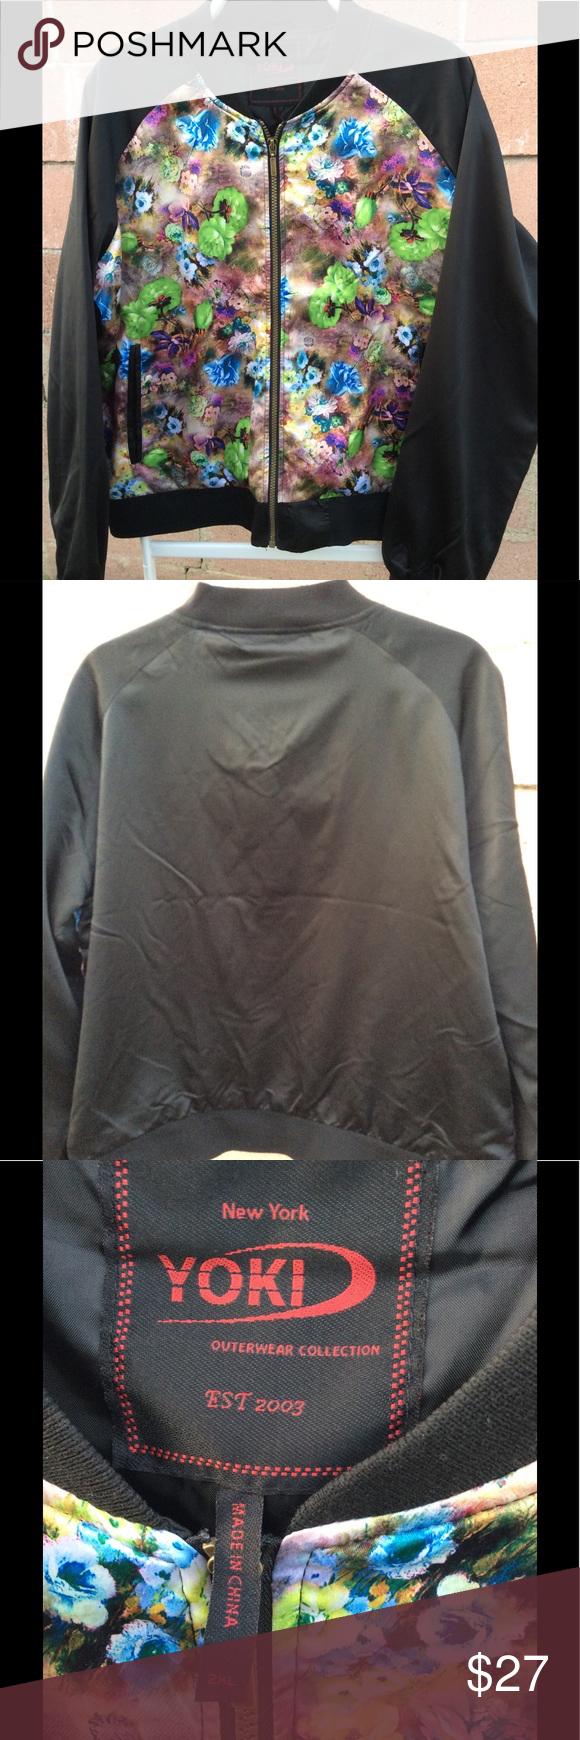 New York Yoki Outerware Collection Light Bomber Clothes Design Yoki Fashion [ 1740 x 580 Pixel ]